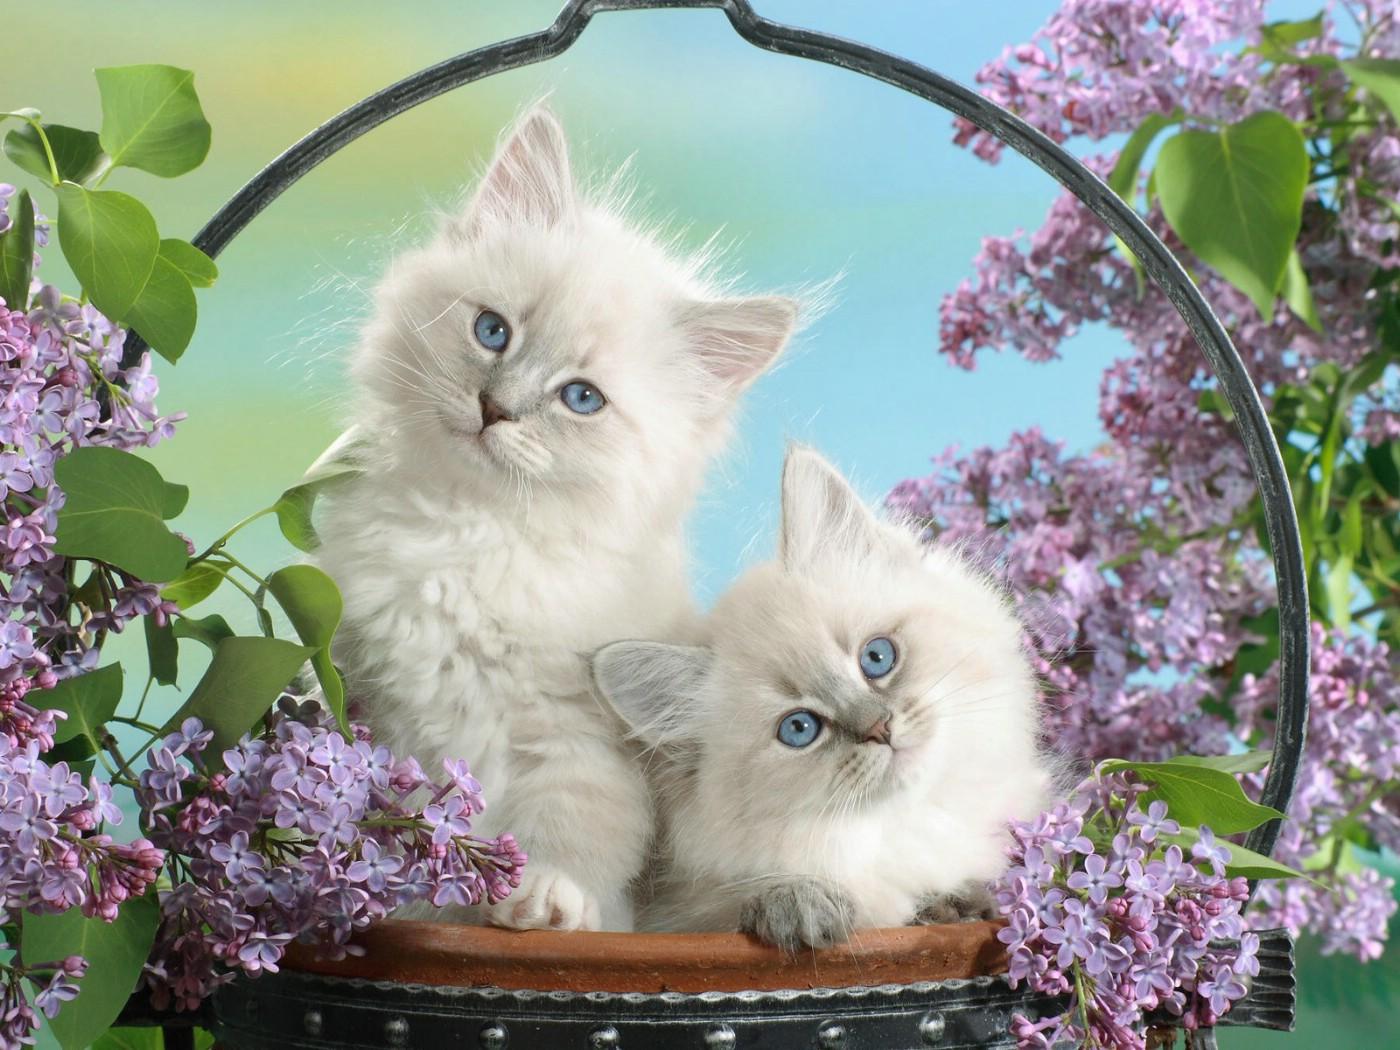 壁纸 动物 猫 猫咪 小猫 桌面 1400_1050